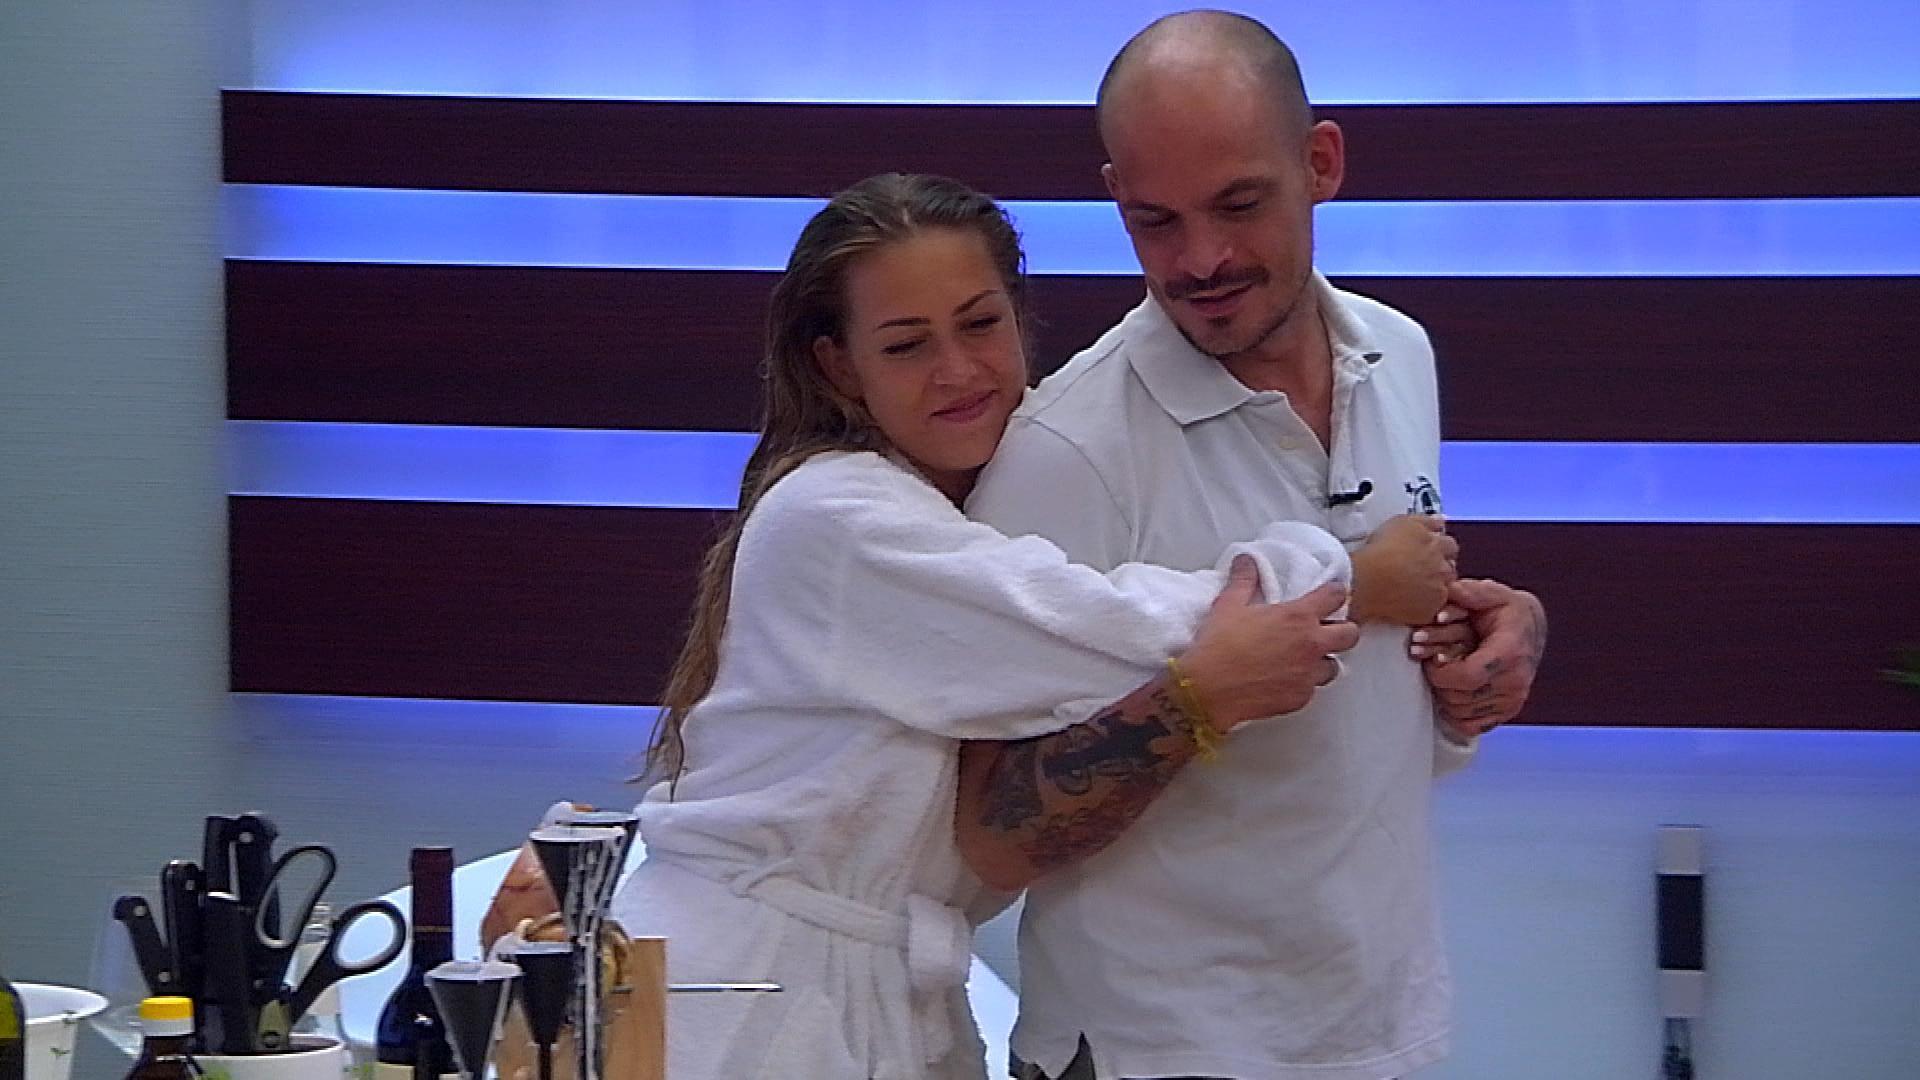 Jessica Paszka + Ben Tewaag